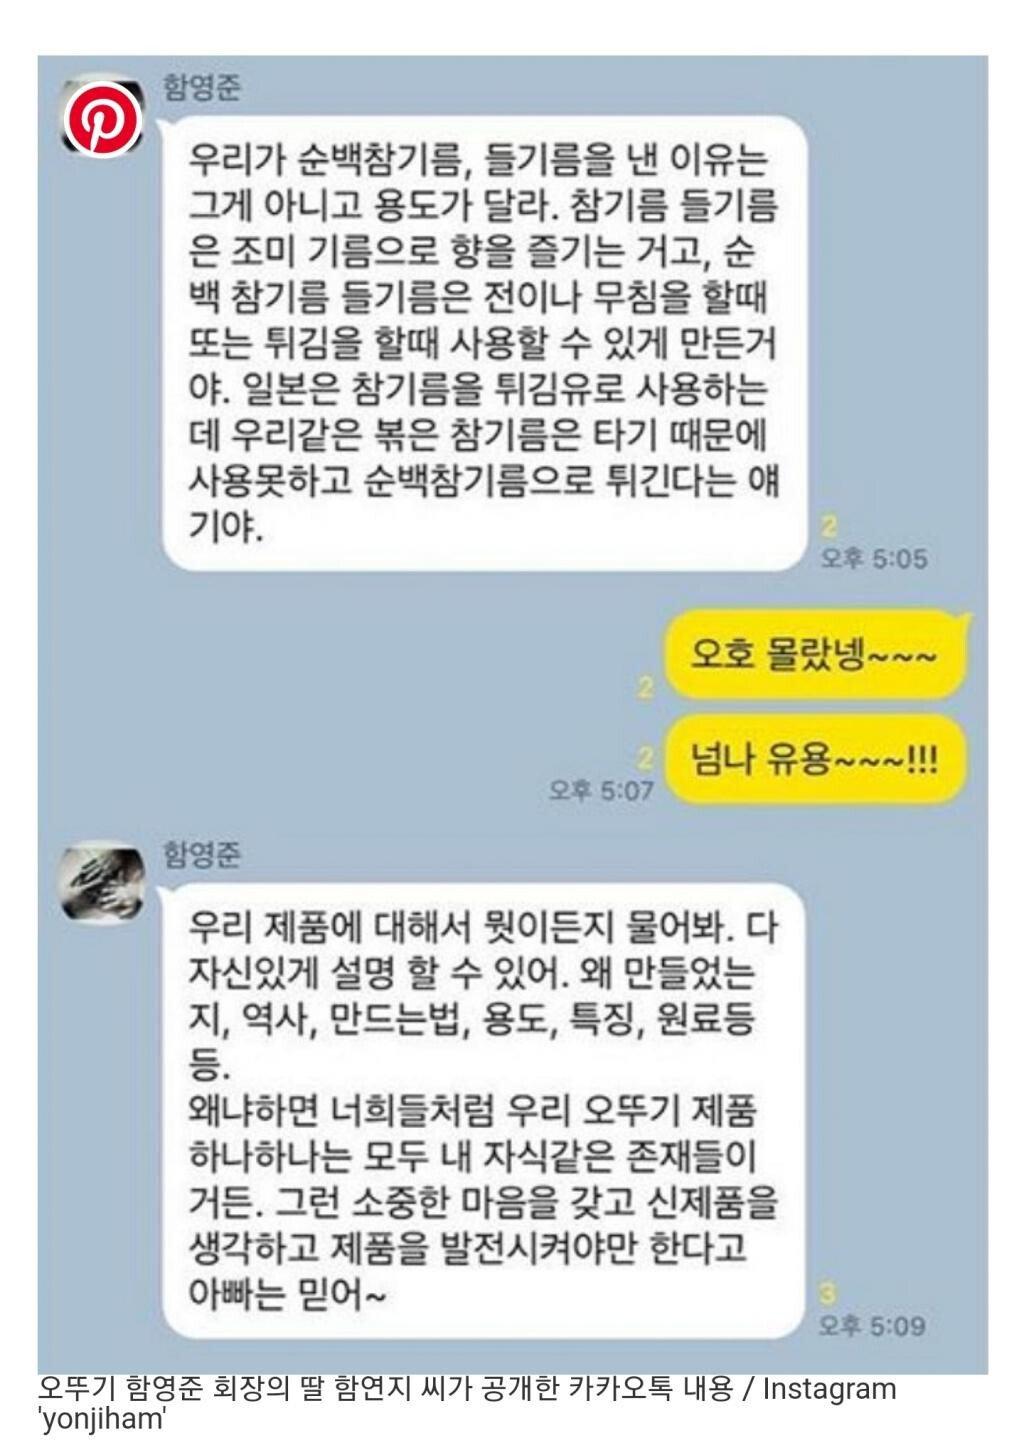 3.jpg 오뚜기 회장과 딸의카톡내용